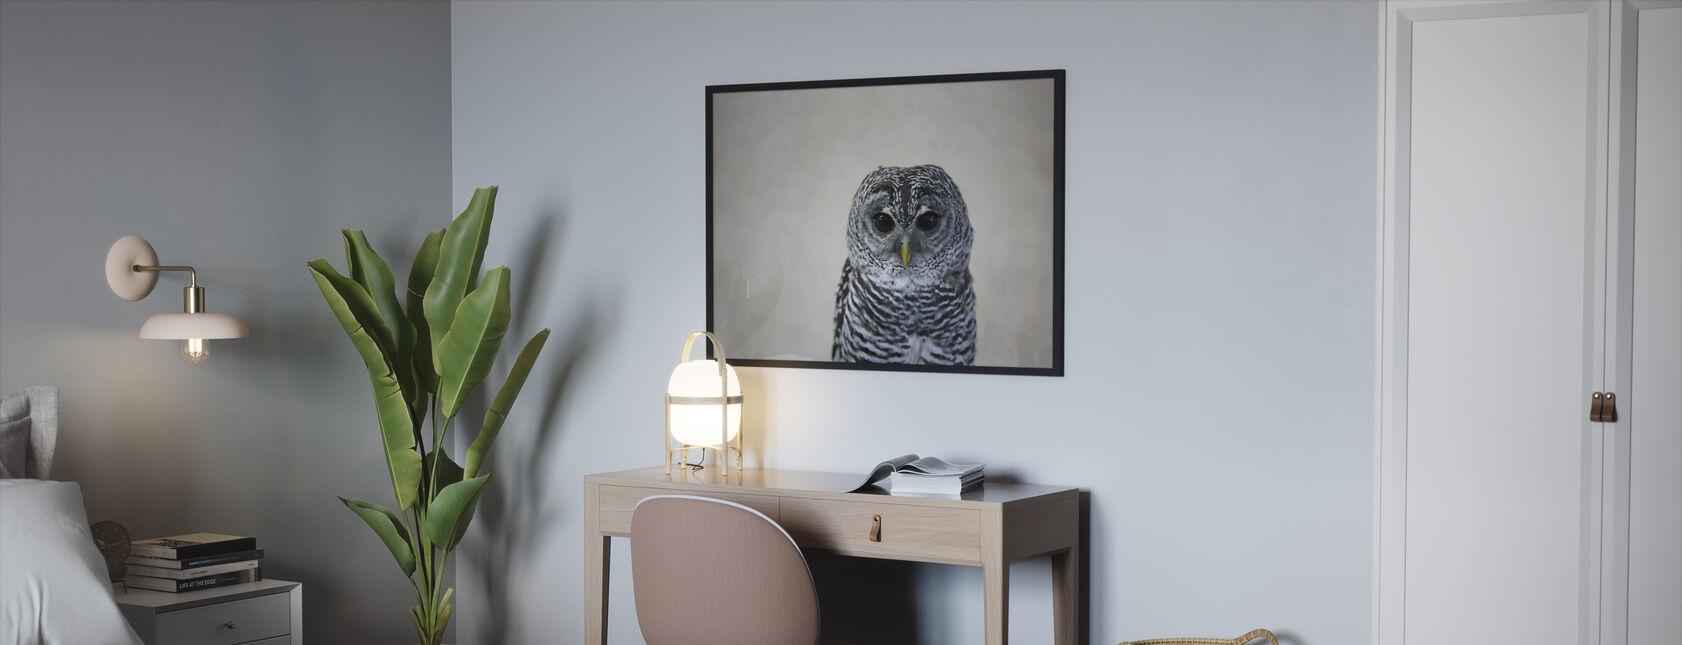 Portret van een uil - Ingelijste print - Slaapkamer